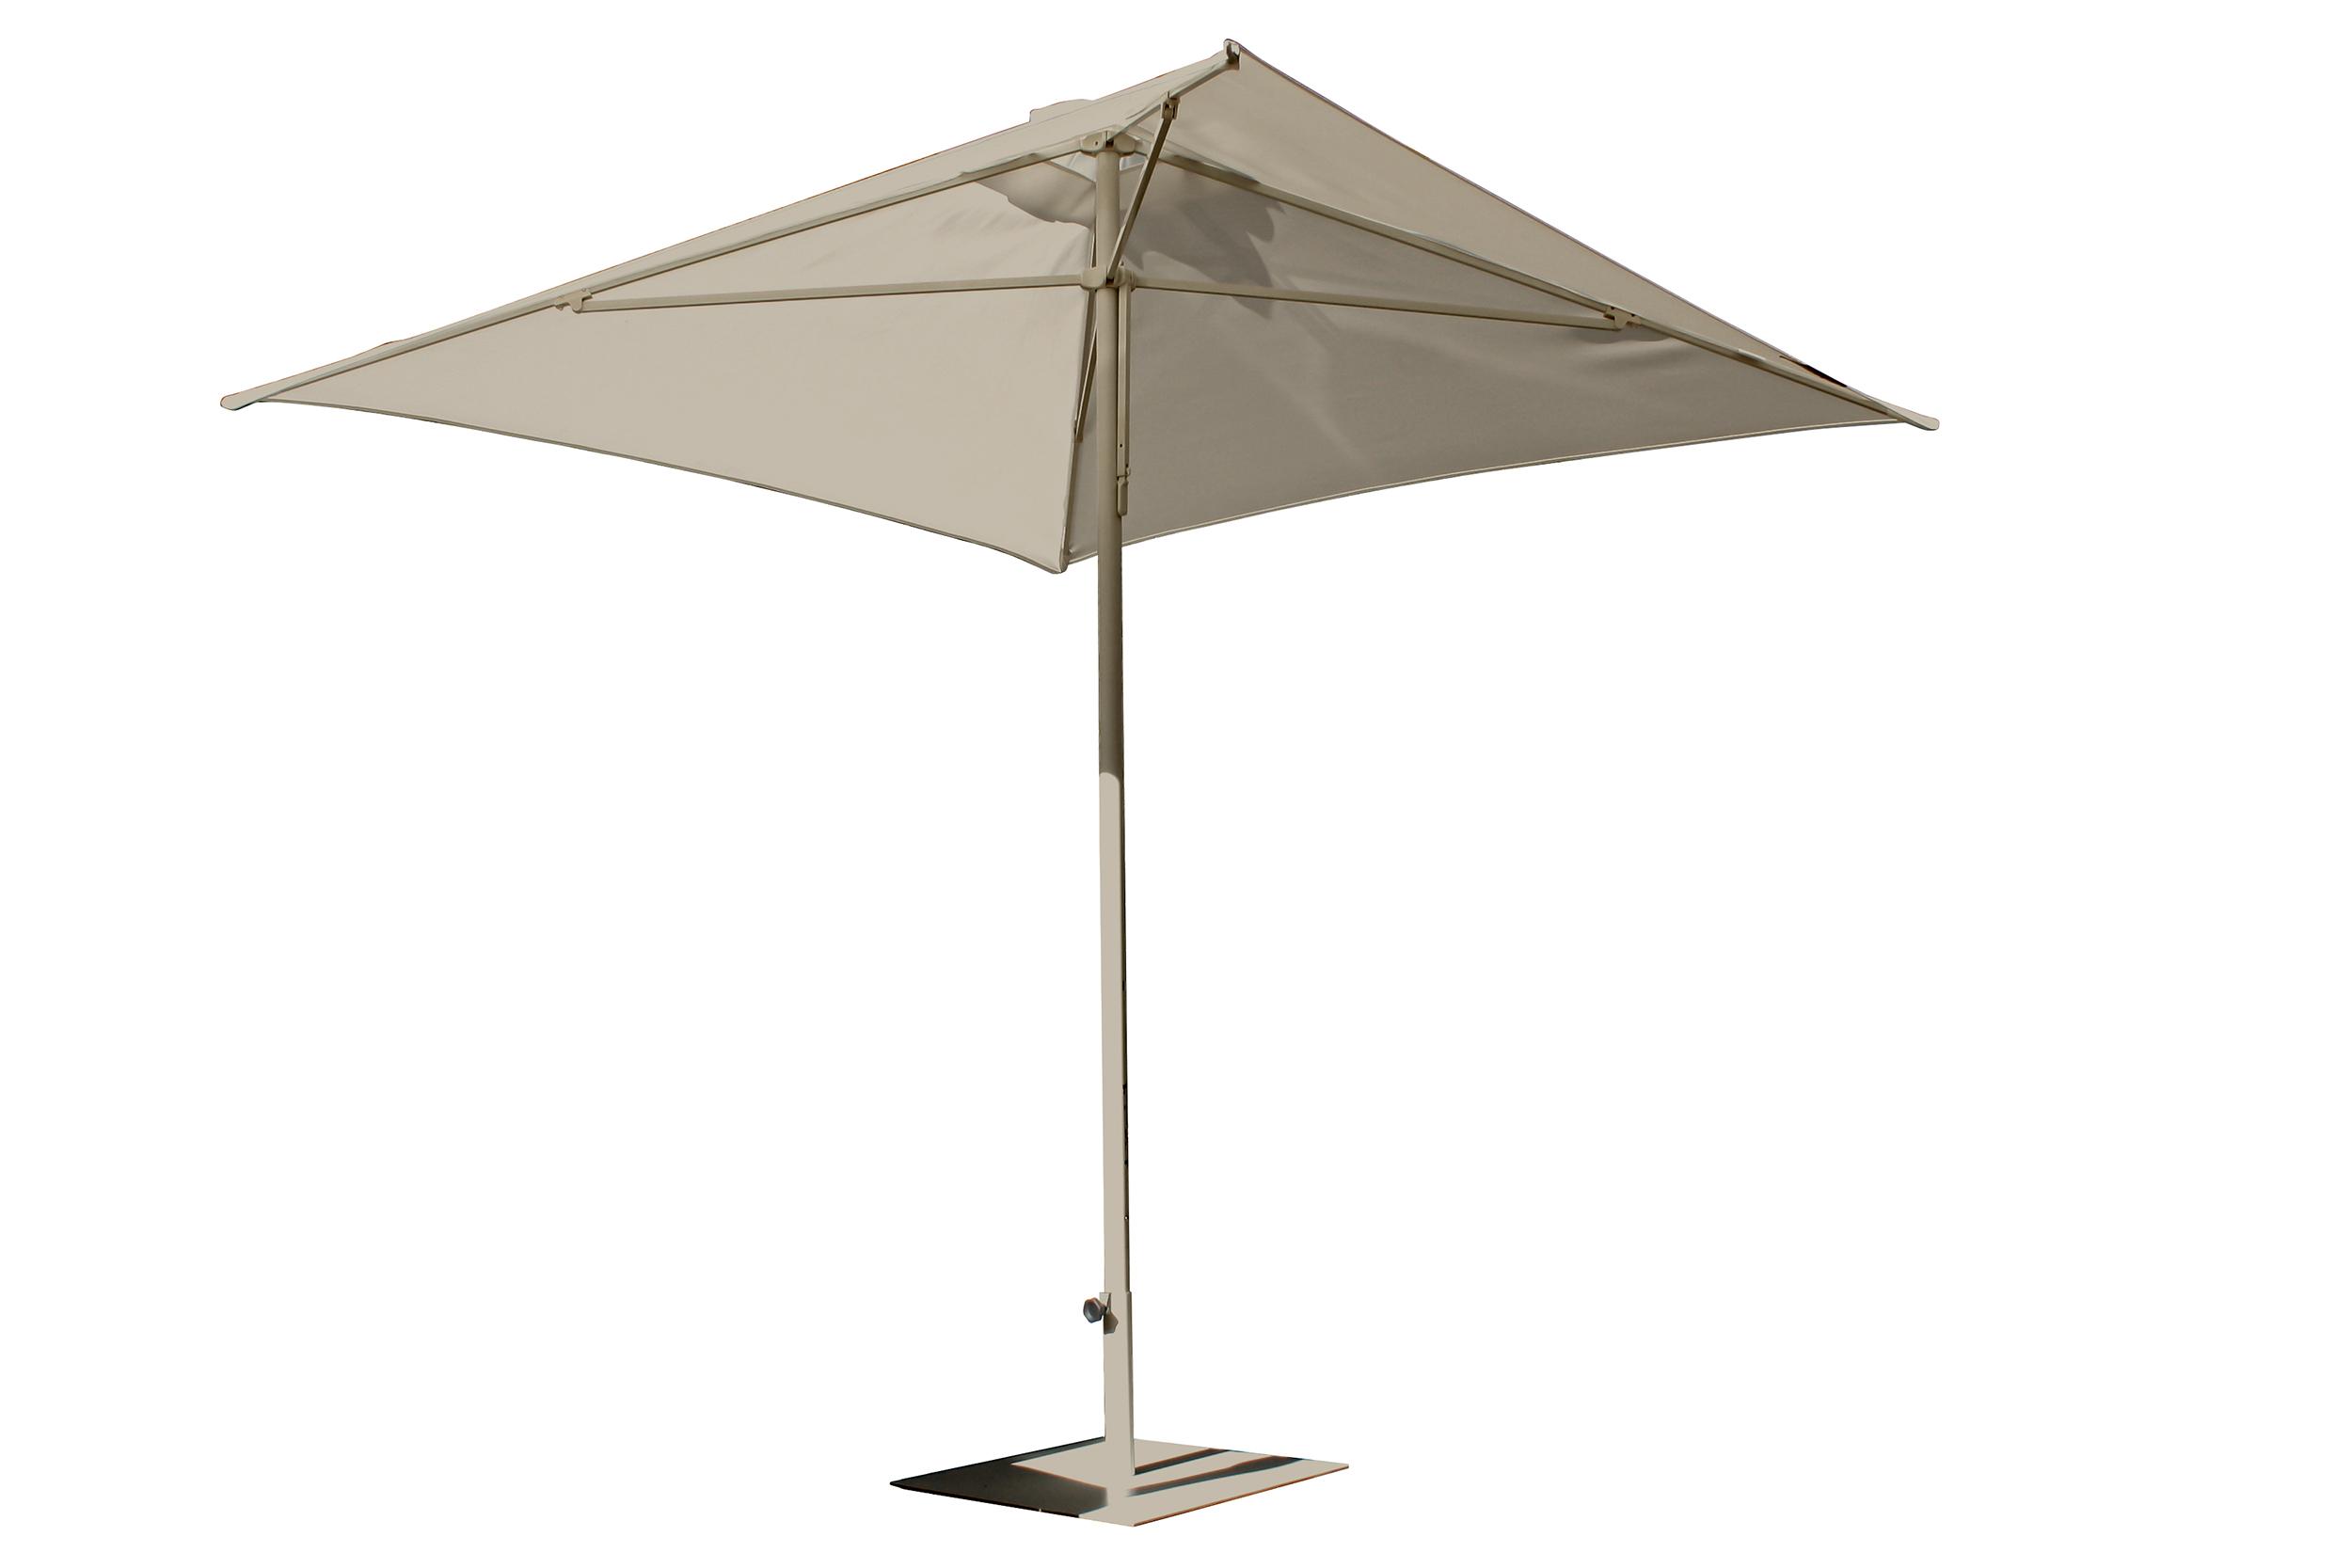 Parasol en aluminium laqué et toile OLEFIN® taupe